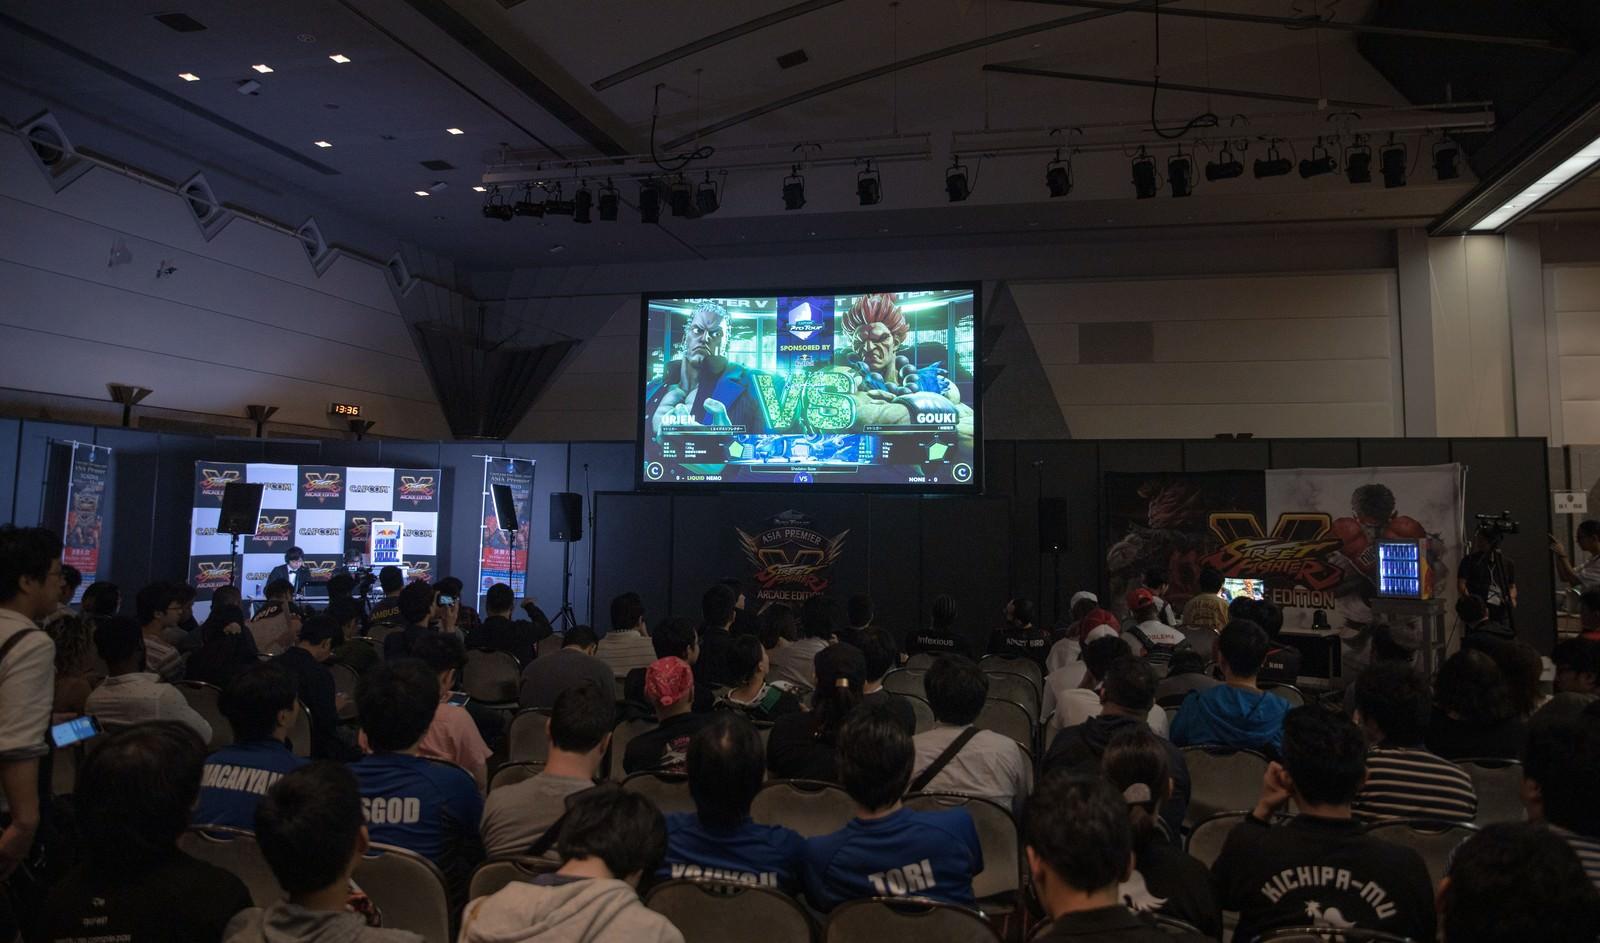 「予選大会会場の大きなモニター前の様子 - CAPCOM Pro Tour 2019 アジアプレミア」の写真